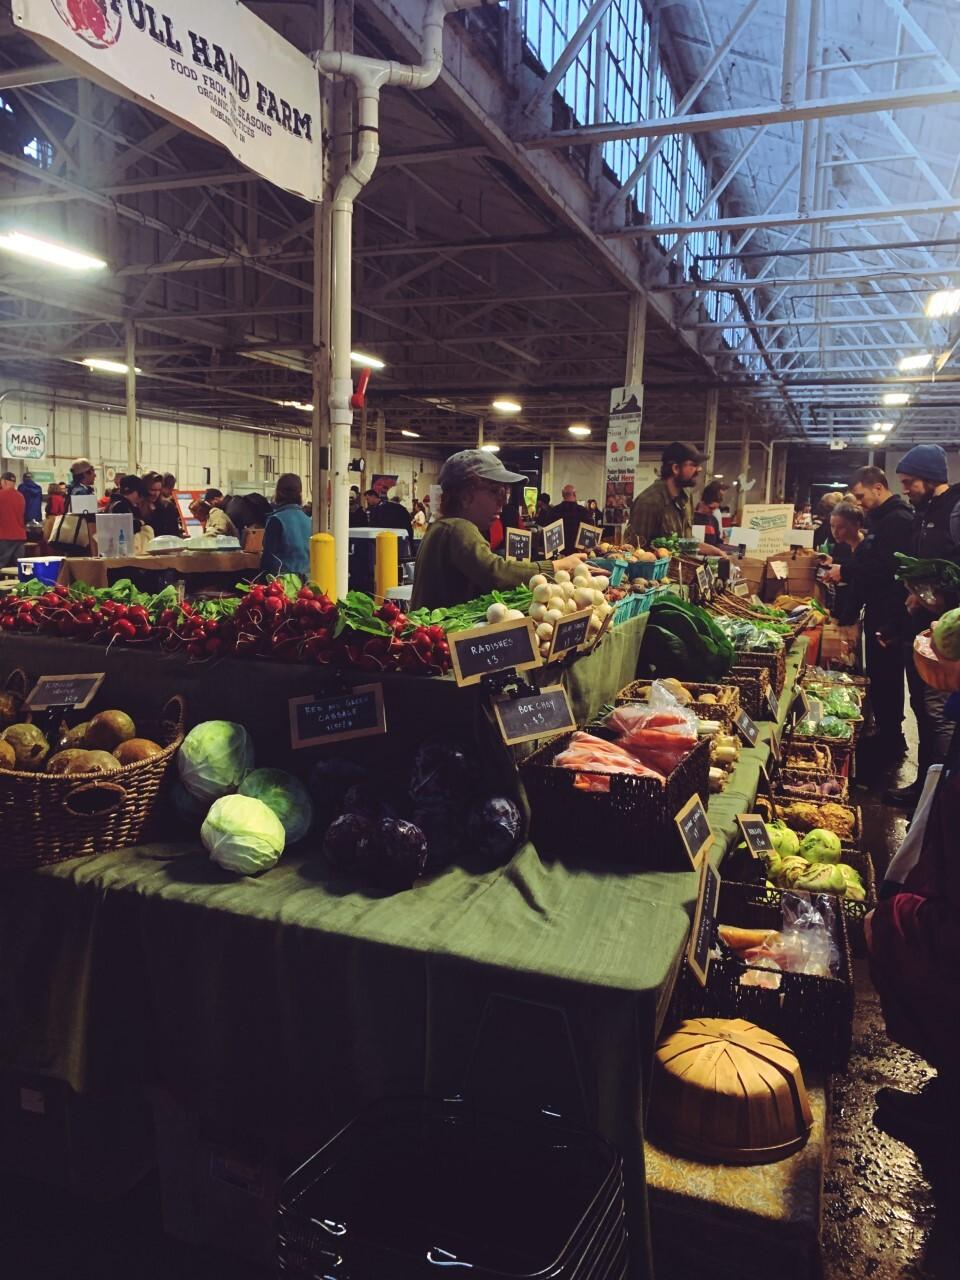 indy winter farmers market.jpg